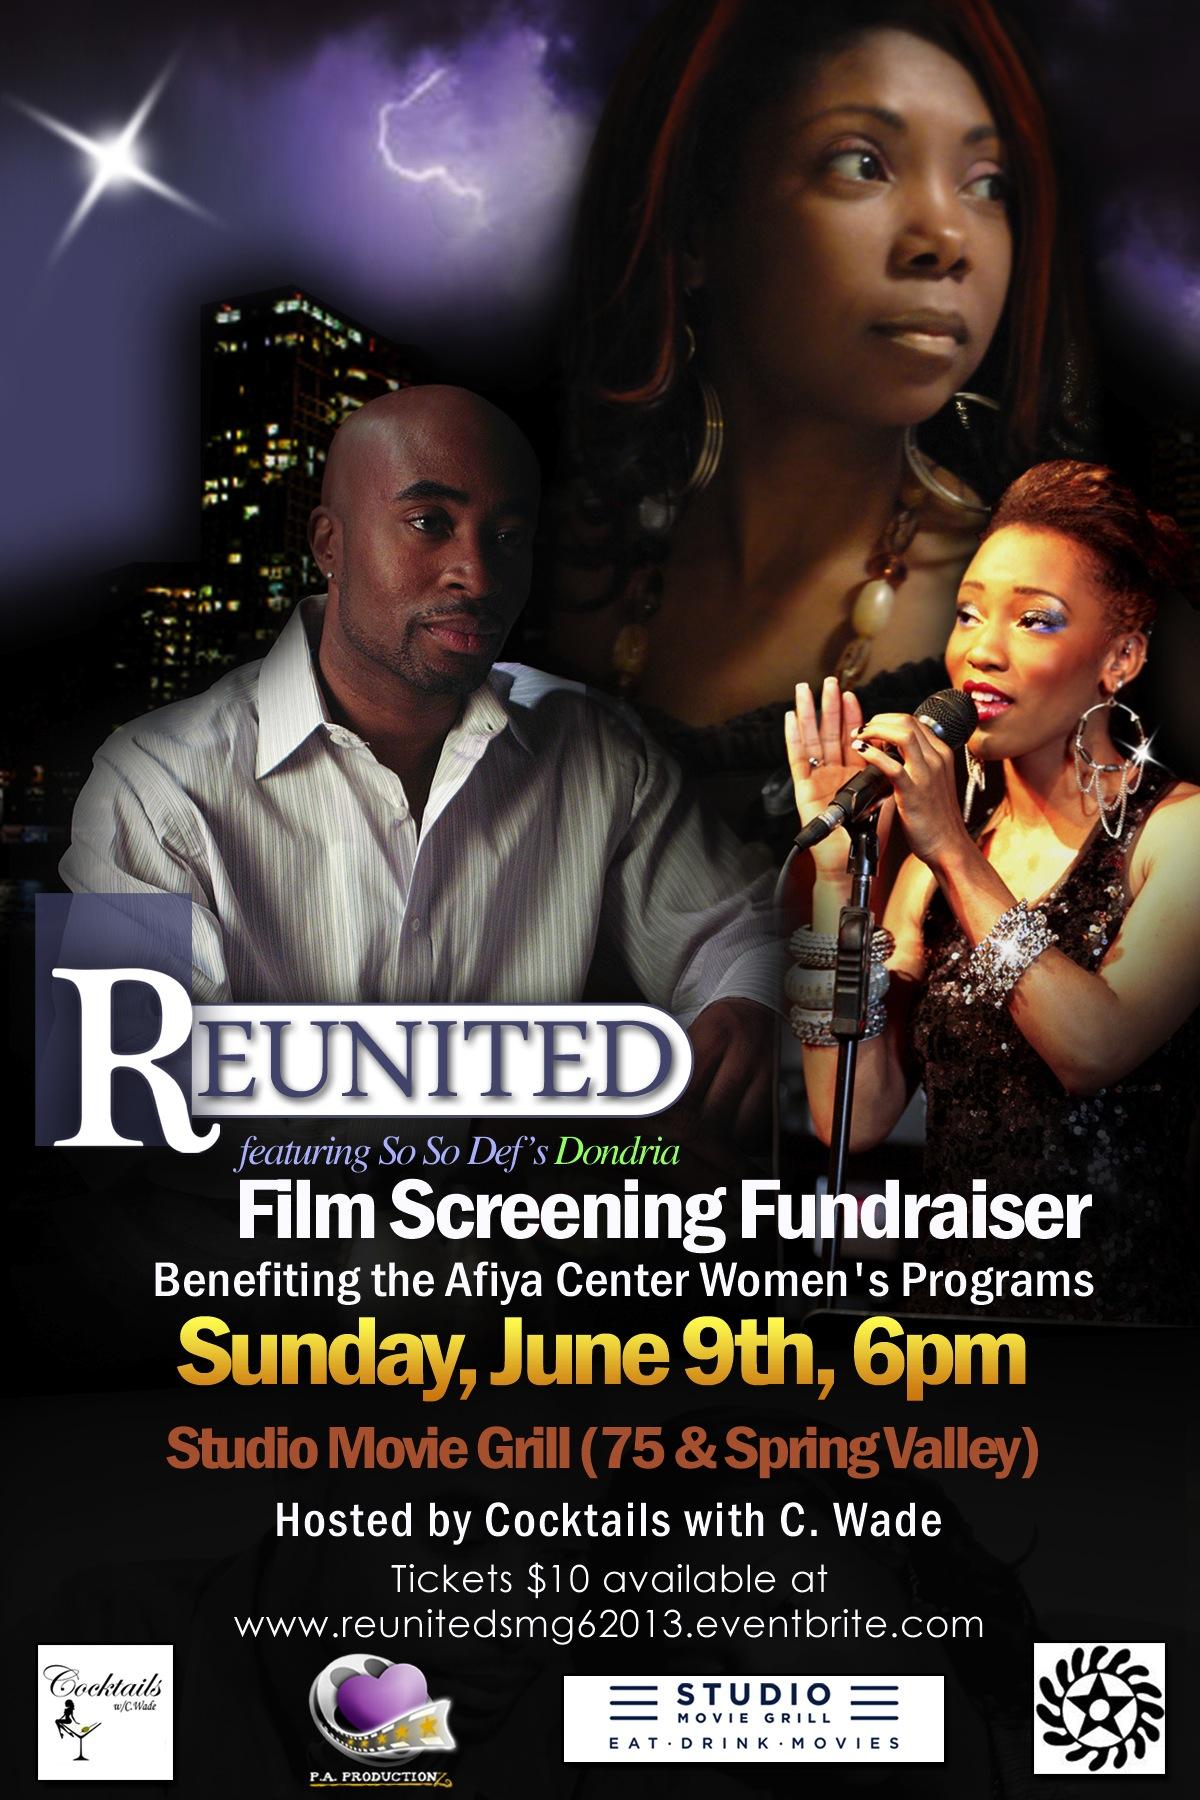 Reunited Film Screening and Radio Show starting 6 pm